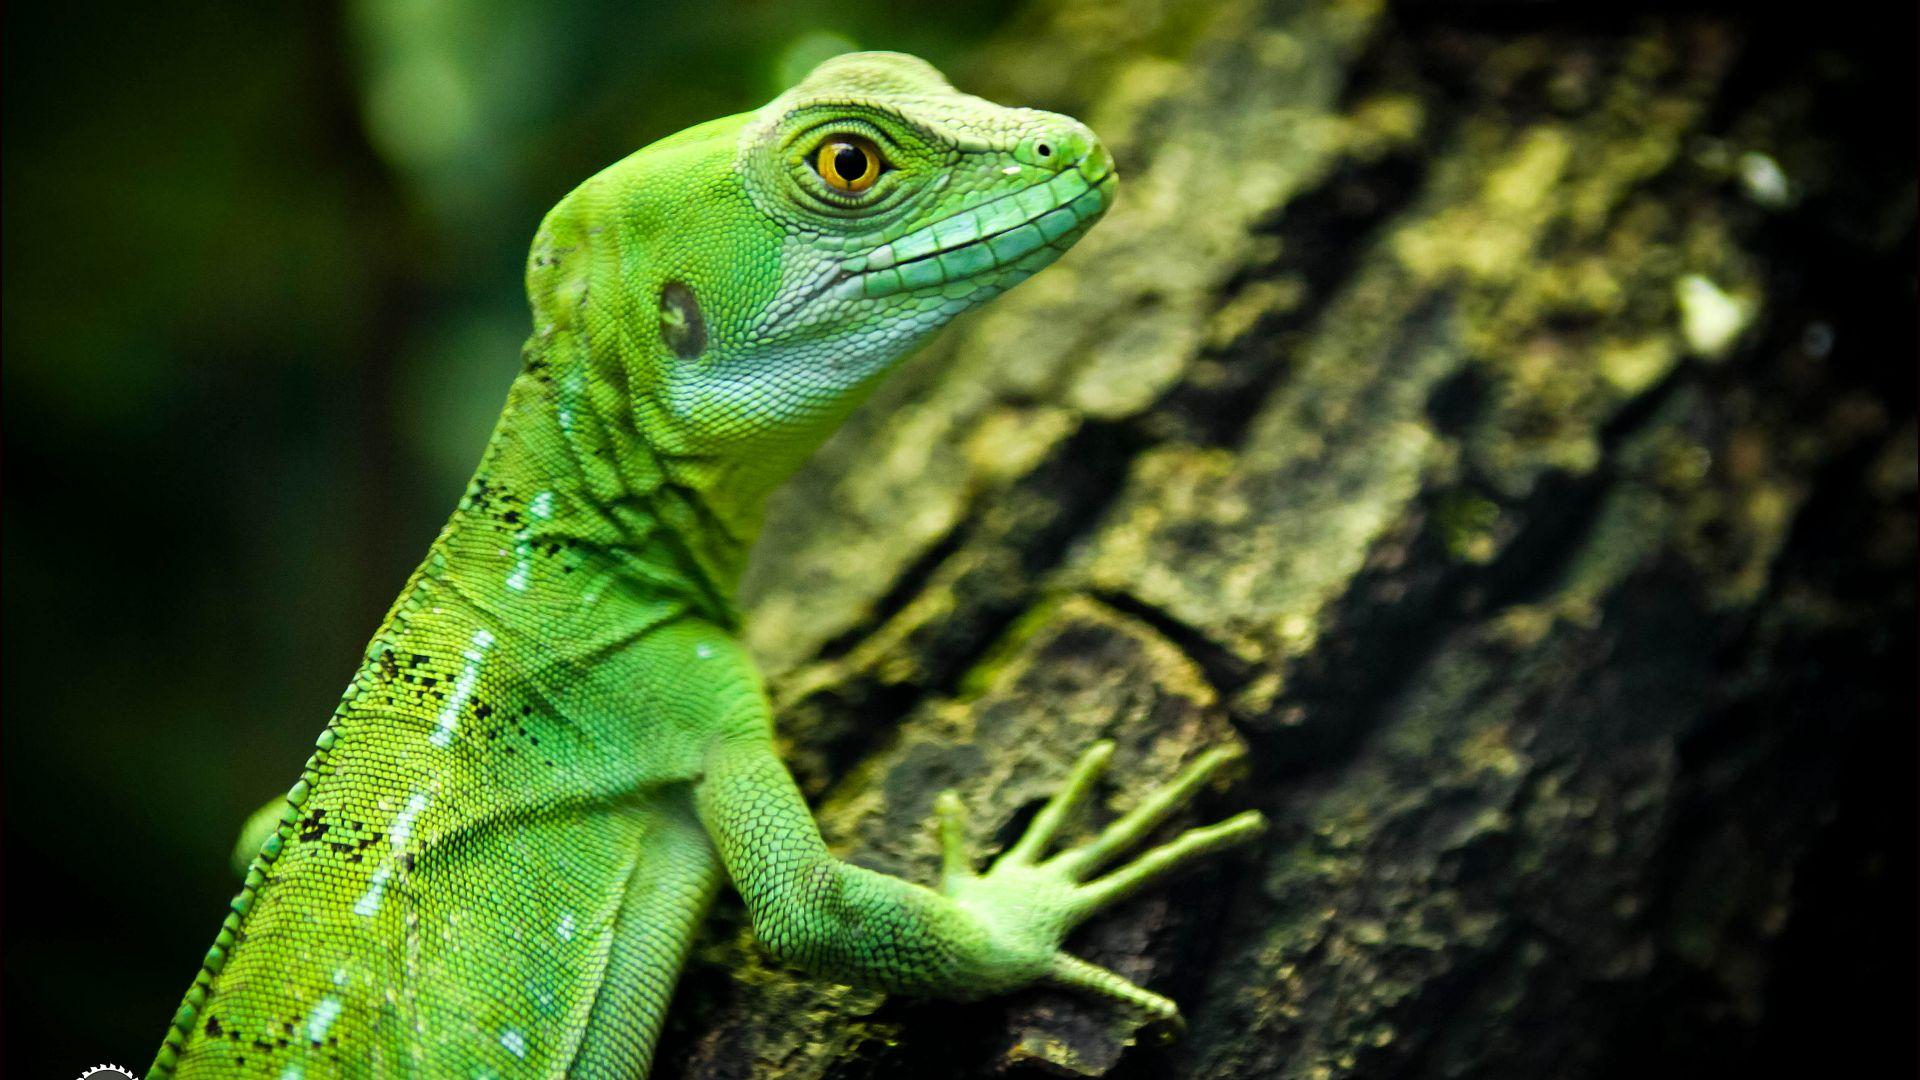 Wallpaper lizard closeup green eyes reptilies Animals 10160